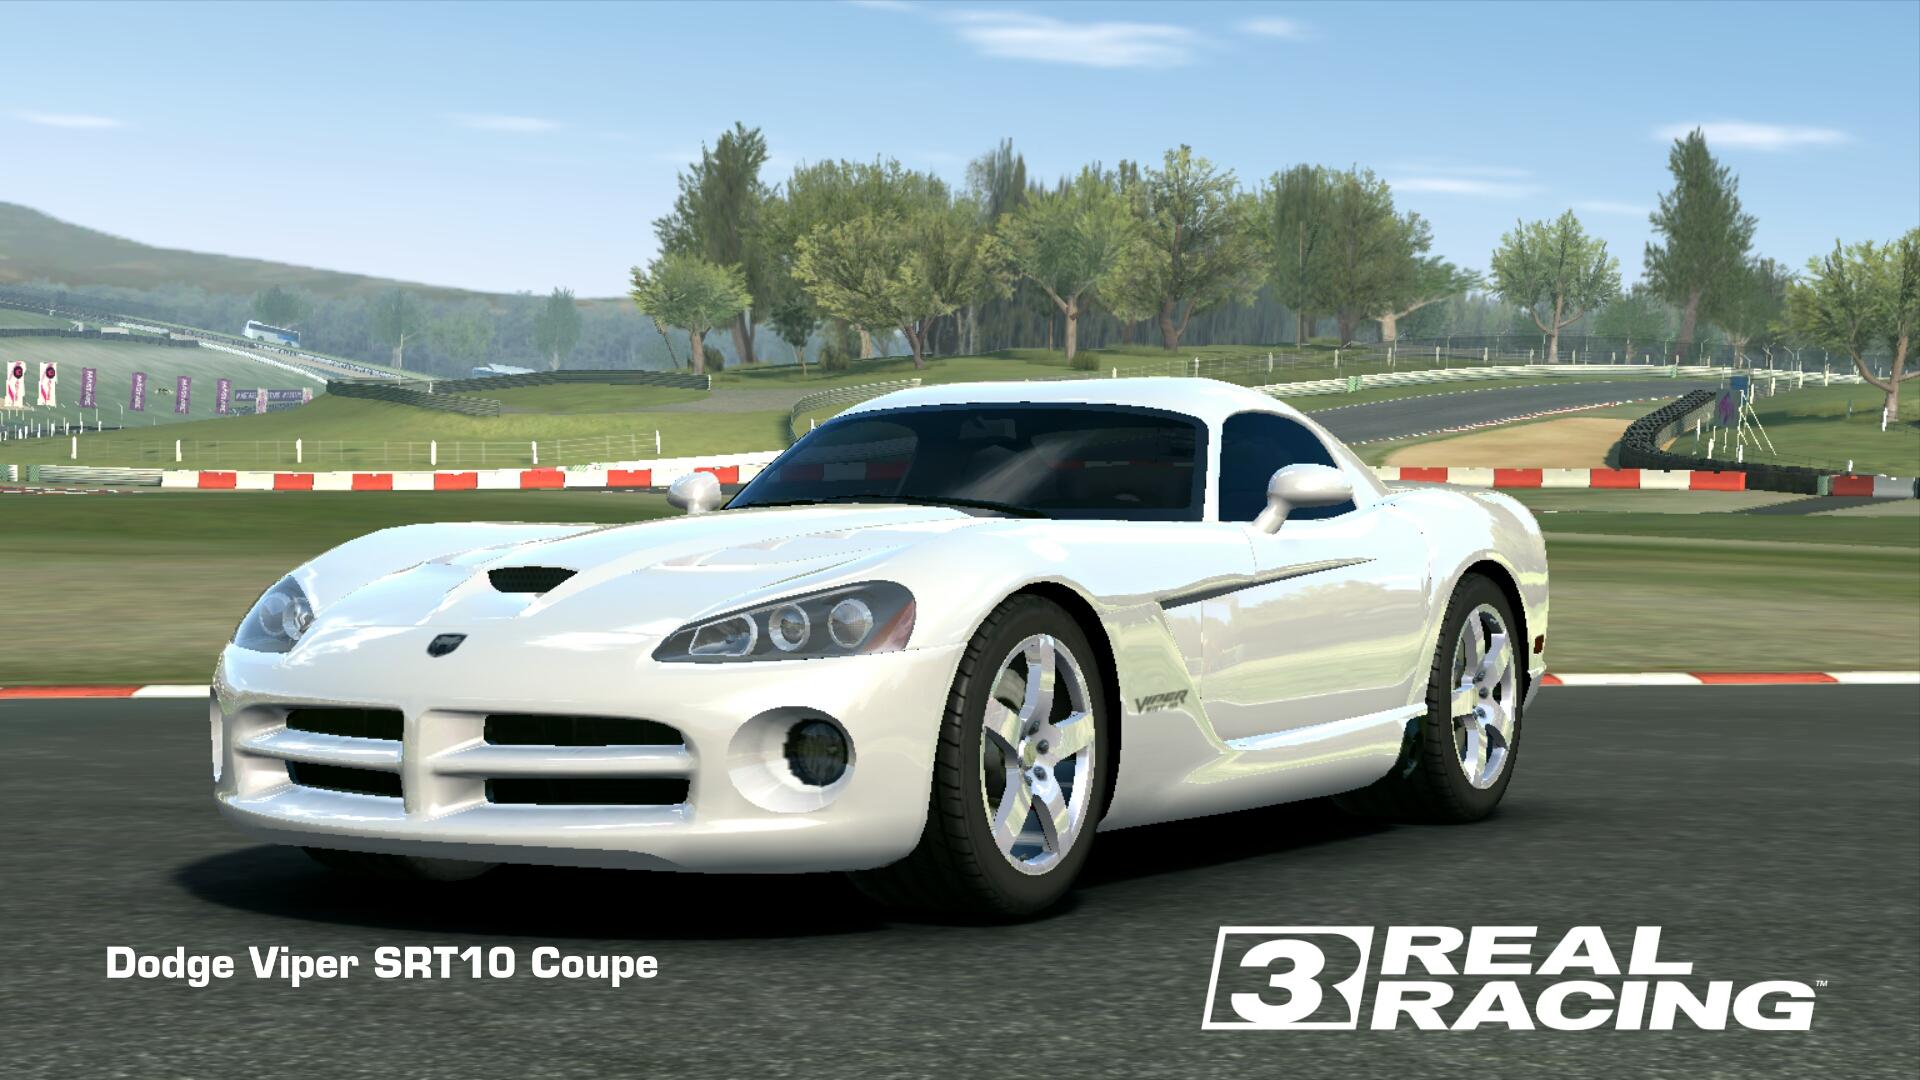 Showcase Dodge Viper SRT10 Coupe